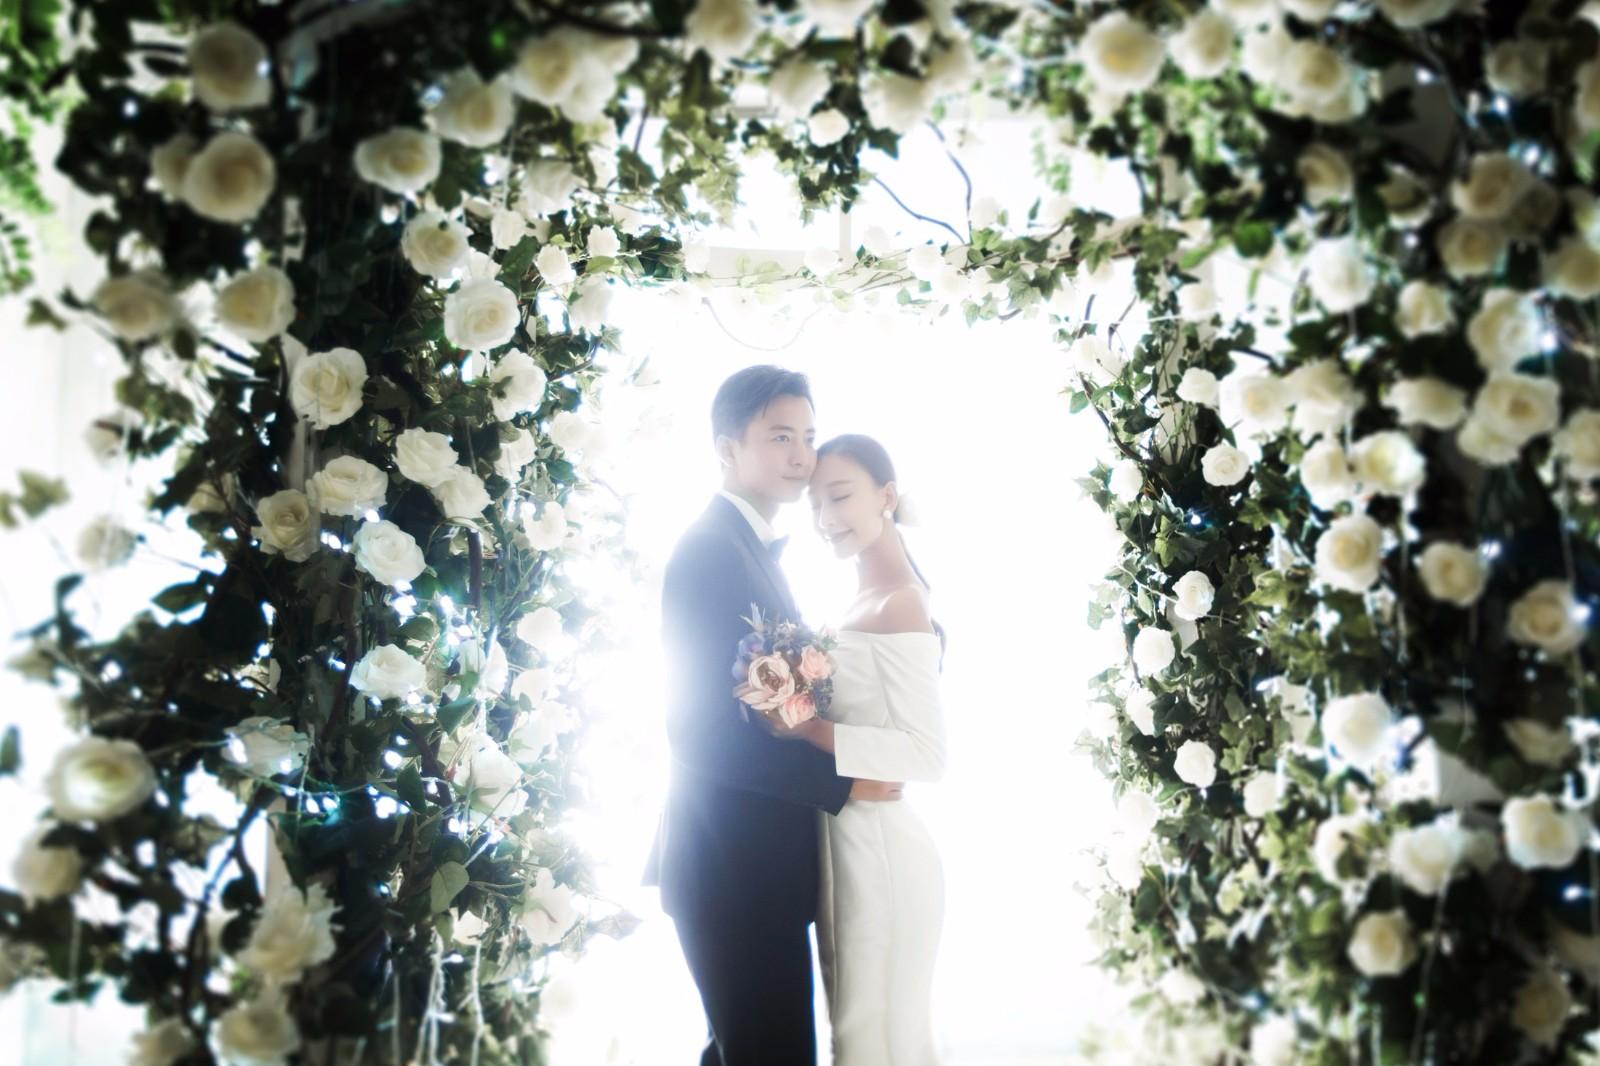 西式婚礼流程是什么?还有具体的花费和布置、策划